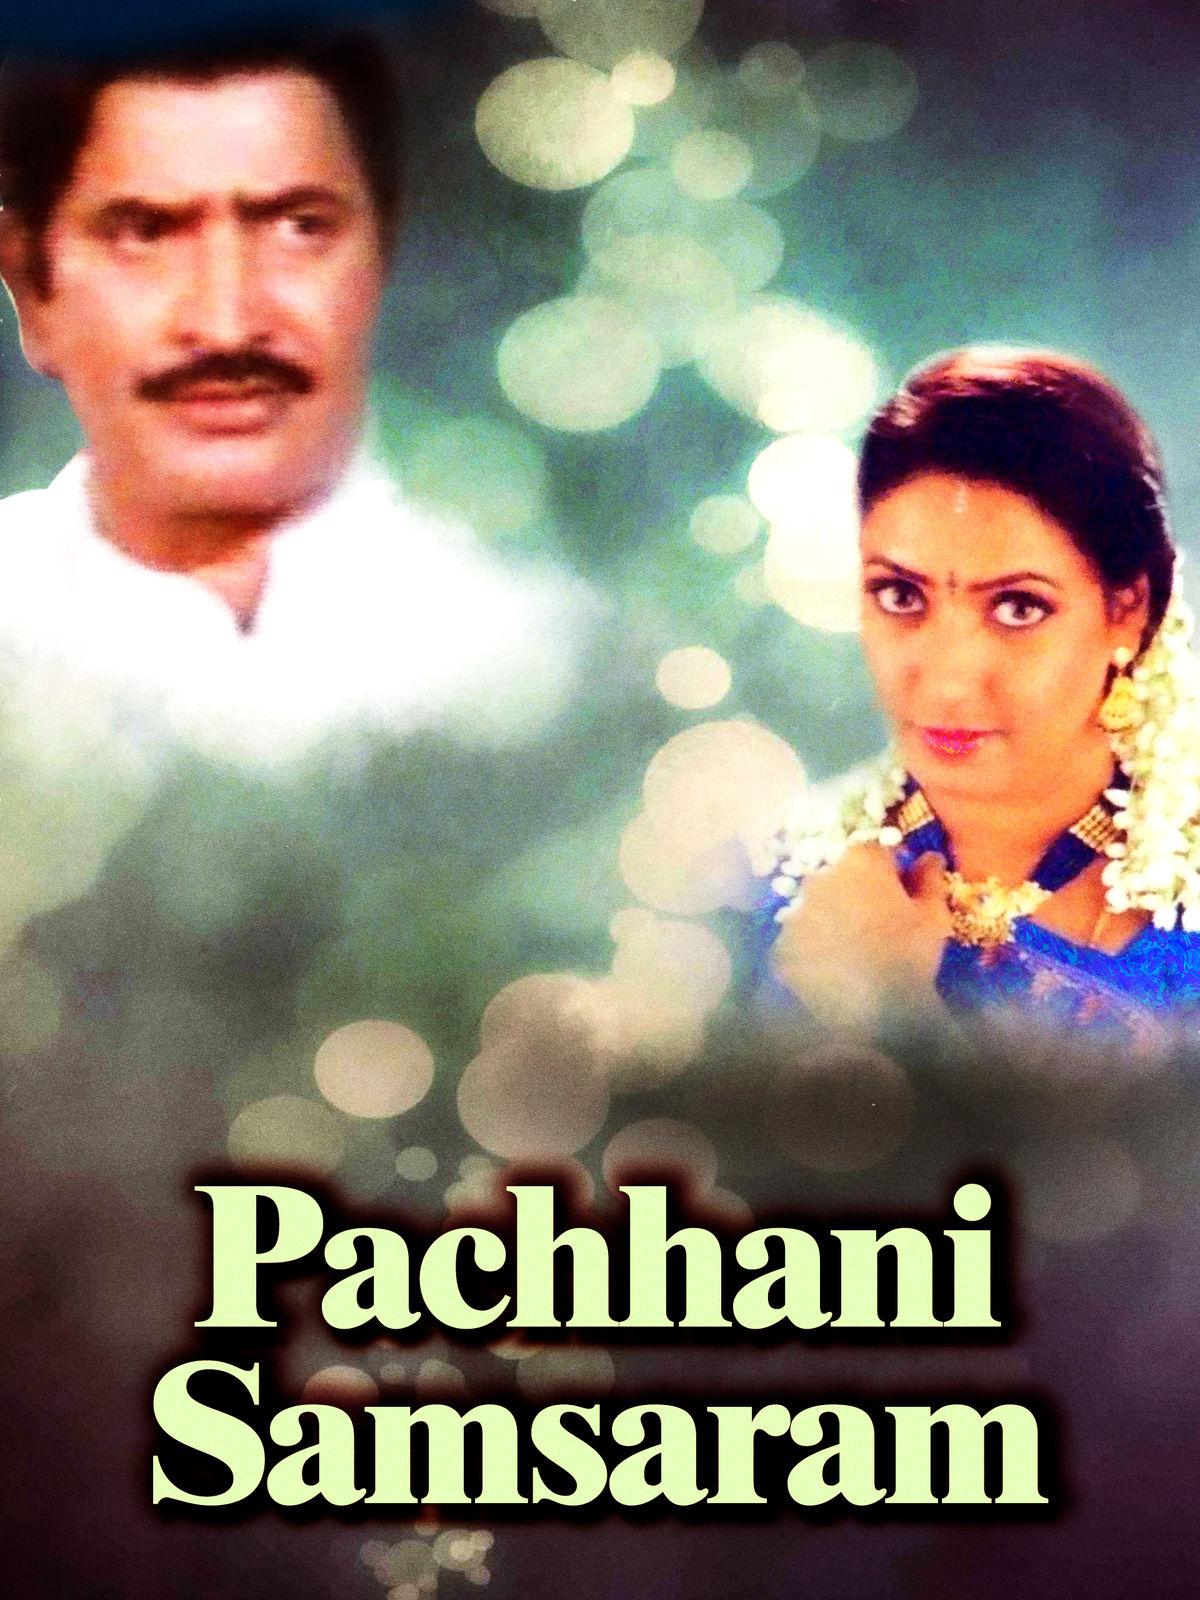 Pachhani Samsaram